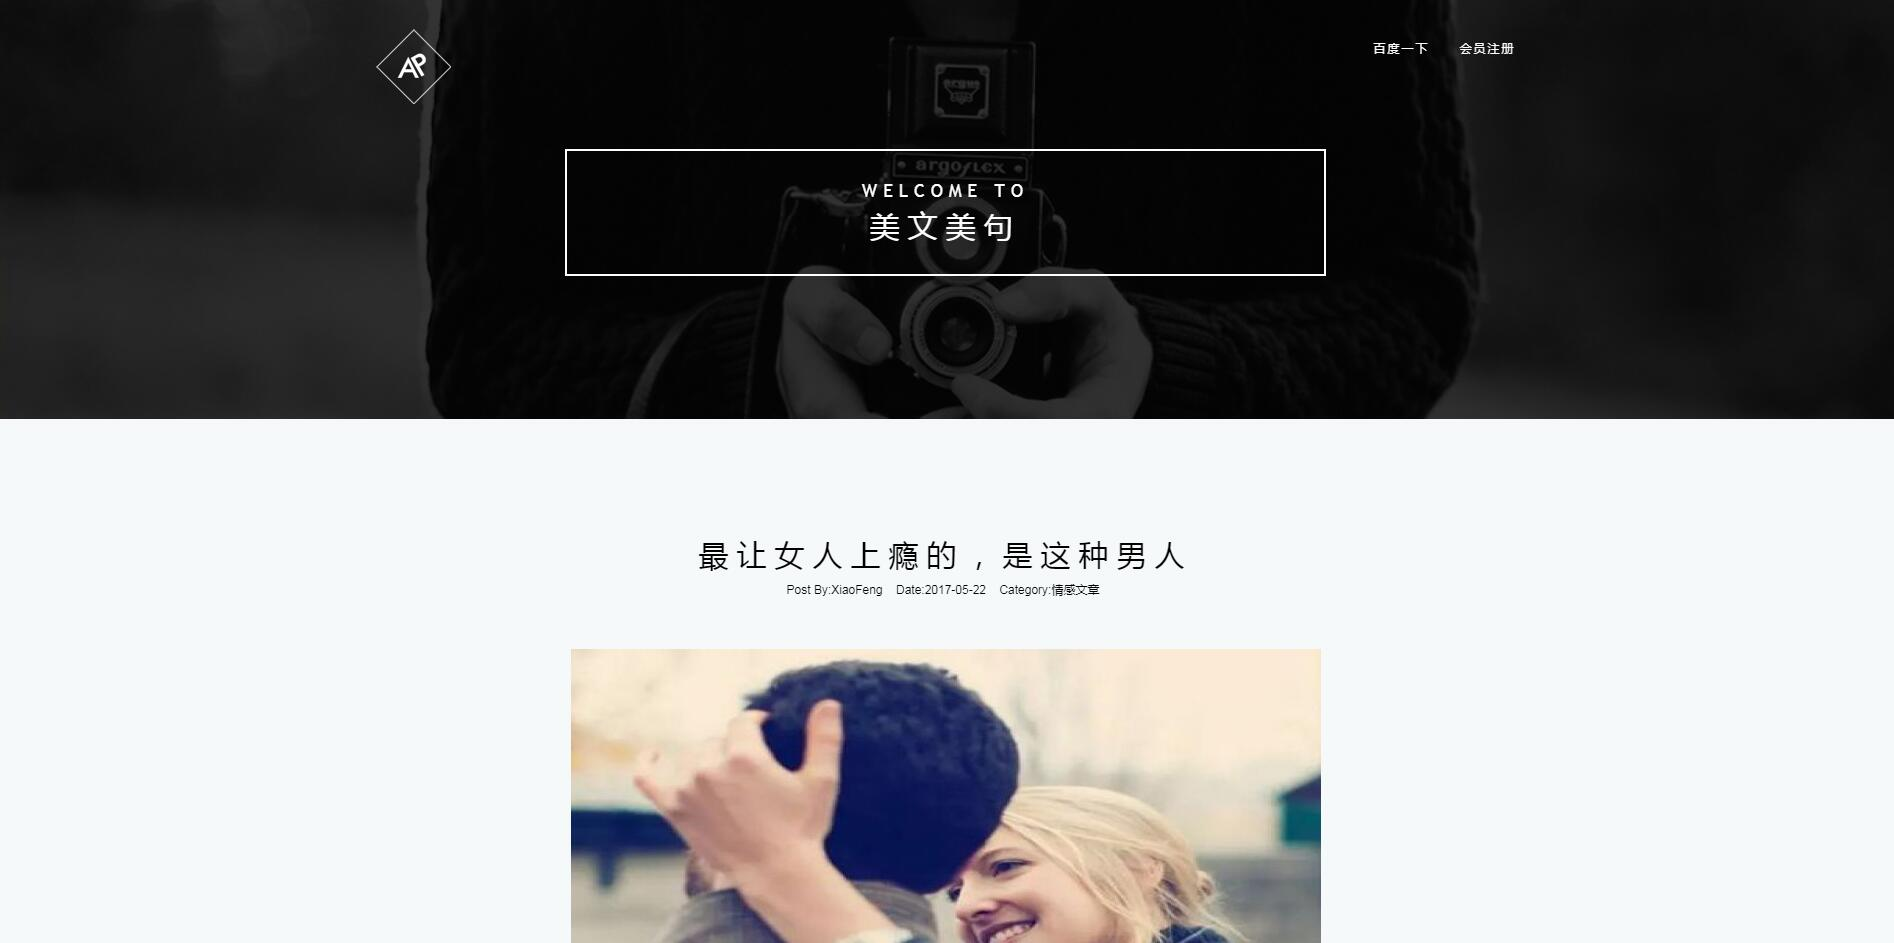 自适应单栏博客zblog模版rokoPhotoLite